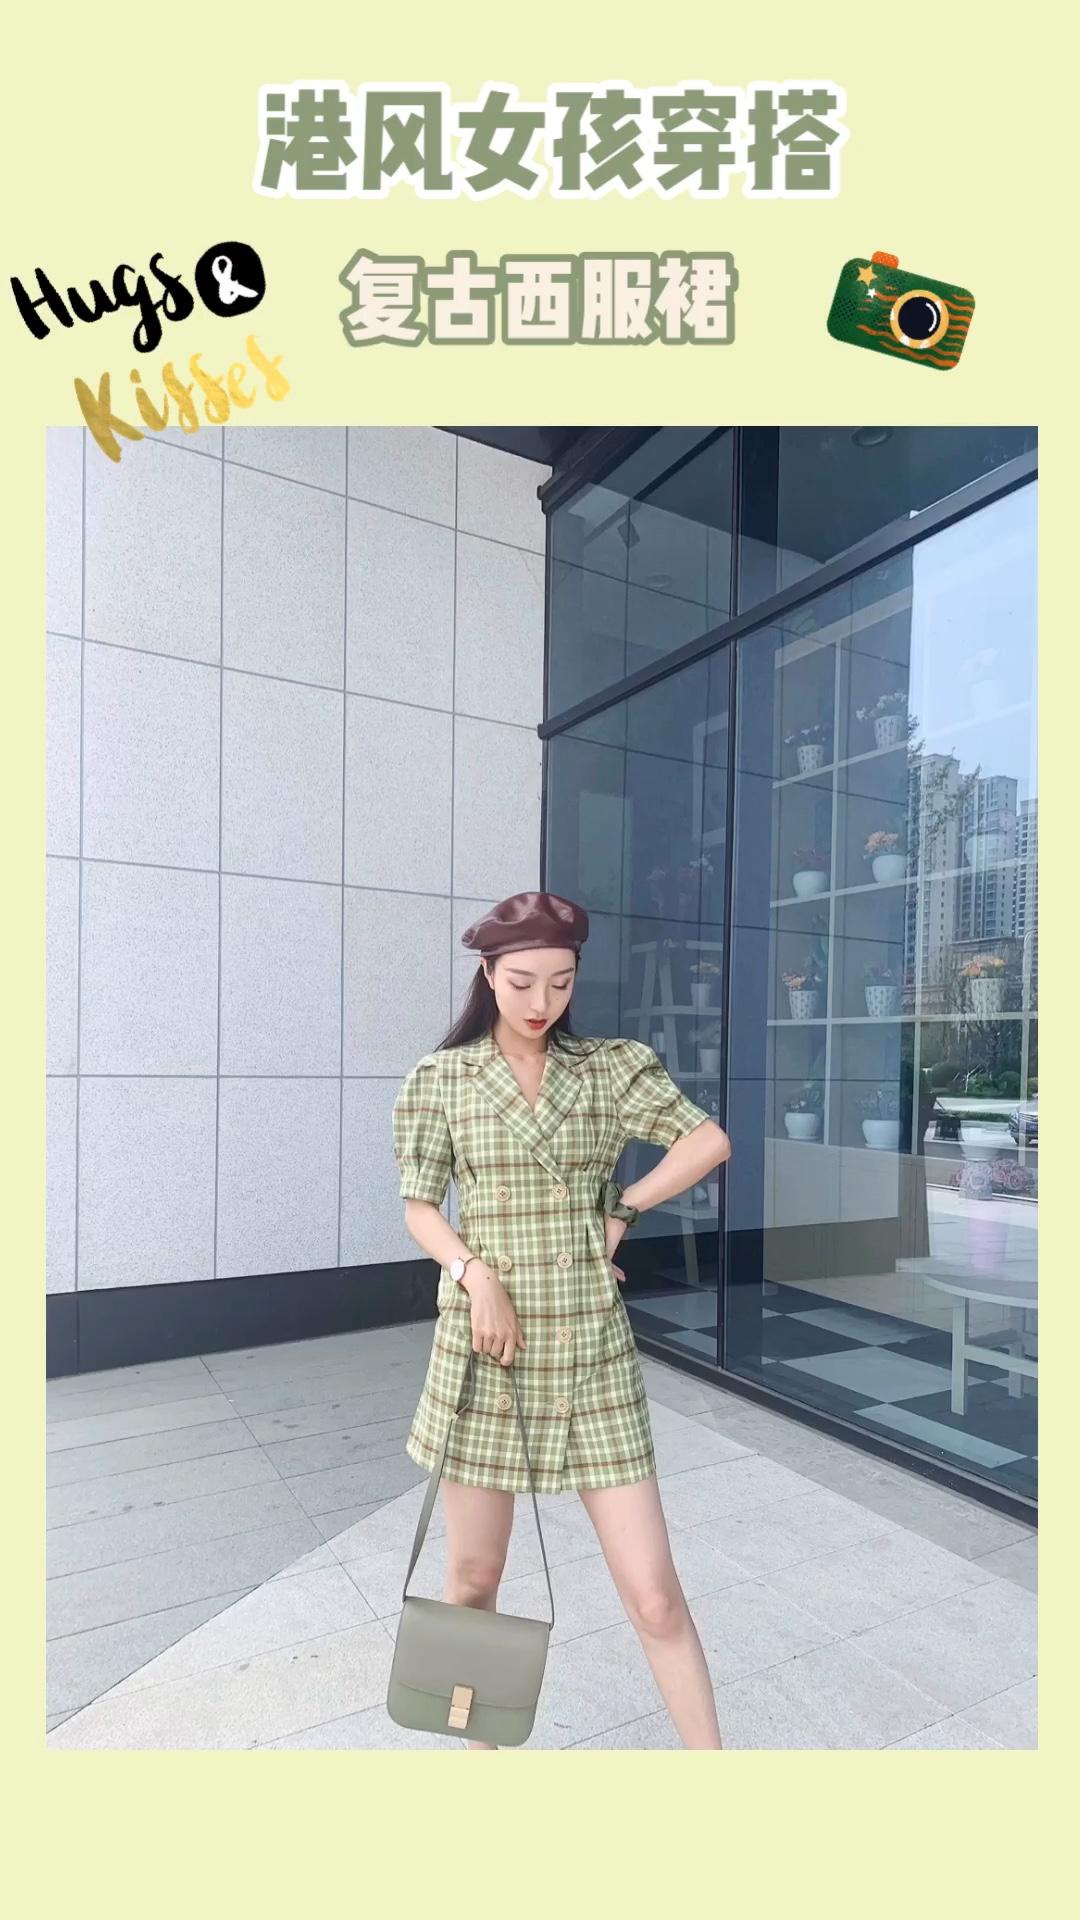 """#酷暑无时尚?服用""""凉""""方# 小棍穿搭 超级喜欢,最近新买了这件牛油果,绿色的格子西服裙,版型特别好修很修身,穿上超级显腿长。这个颜色真的无敌显白,而且看起来很清凉,有点复古的感觉,我所以我搭配了一个皮质贝雷帽,很港风,你喜欢这件吗?喜欢就留言告诉我吧。"""